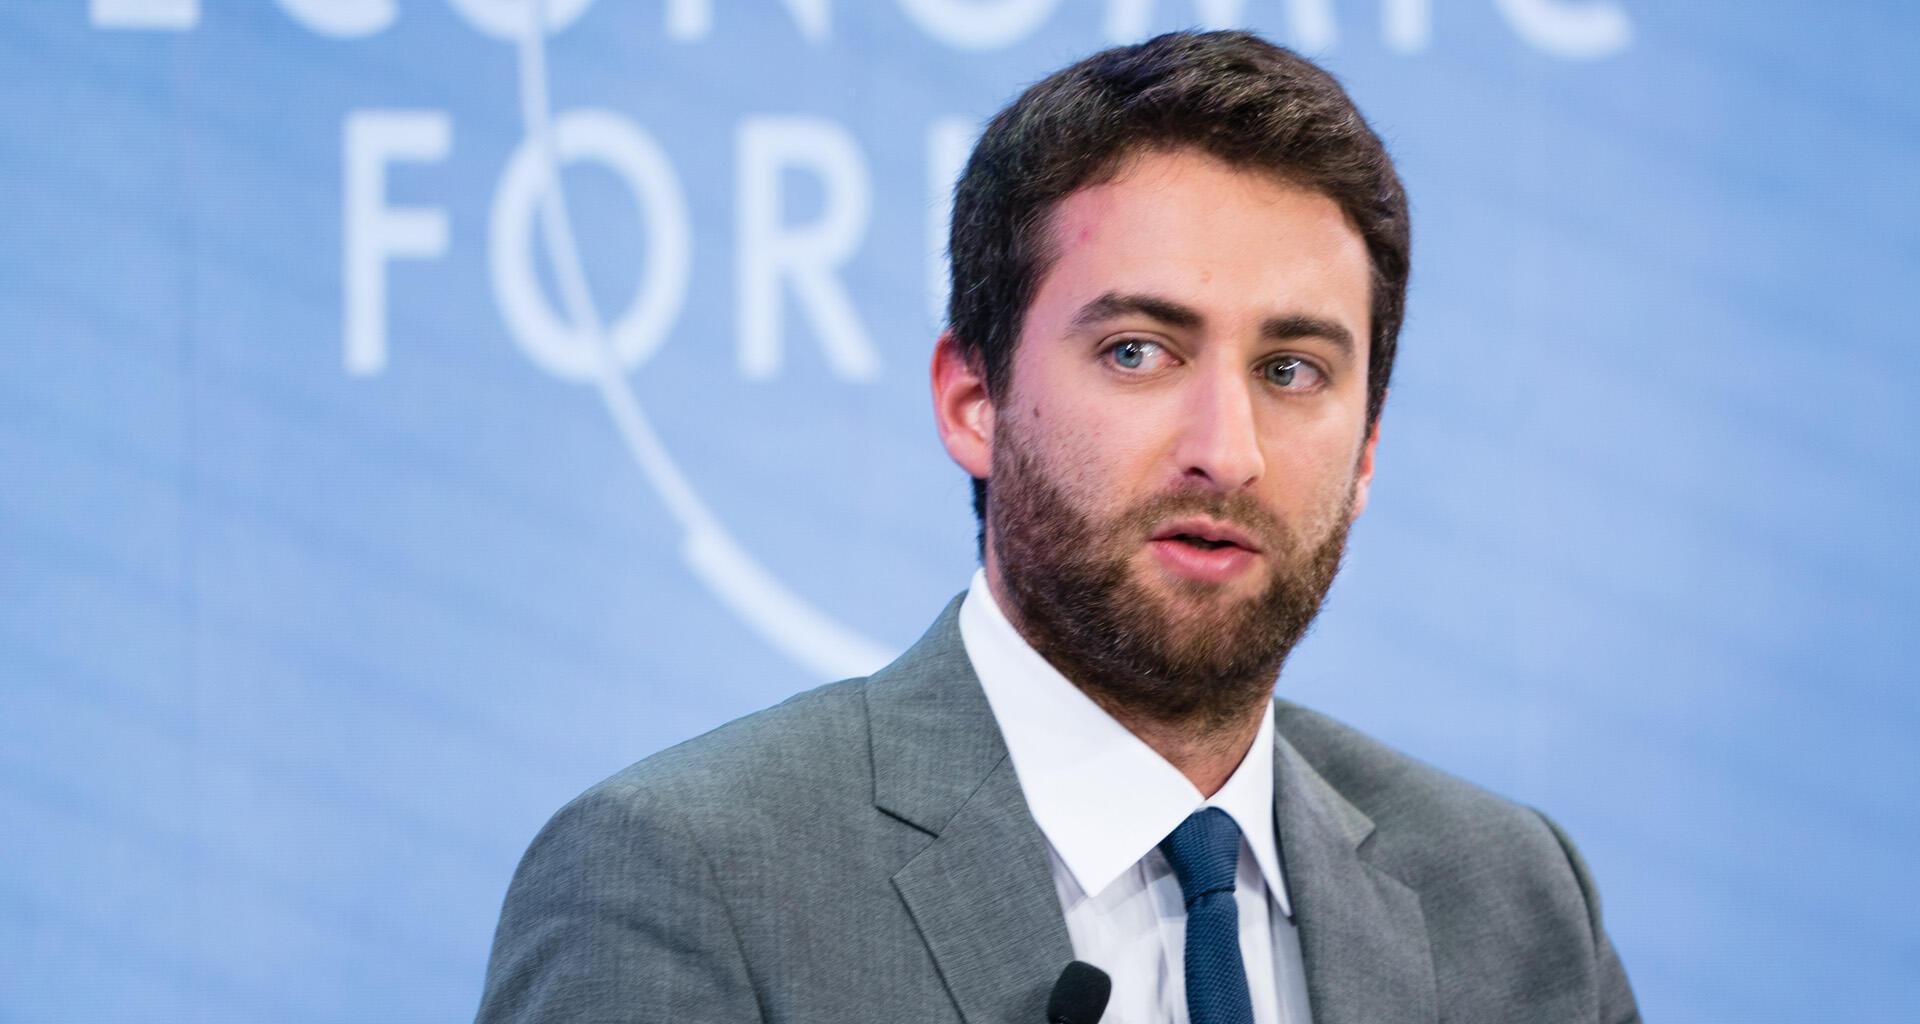 Matthew Caruana Galizia, journaliste d'investigation et informaticien, est le fils de la journaliste Daphne Caruana Galizia assassinée à Malte le 16 octobre 2017.